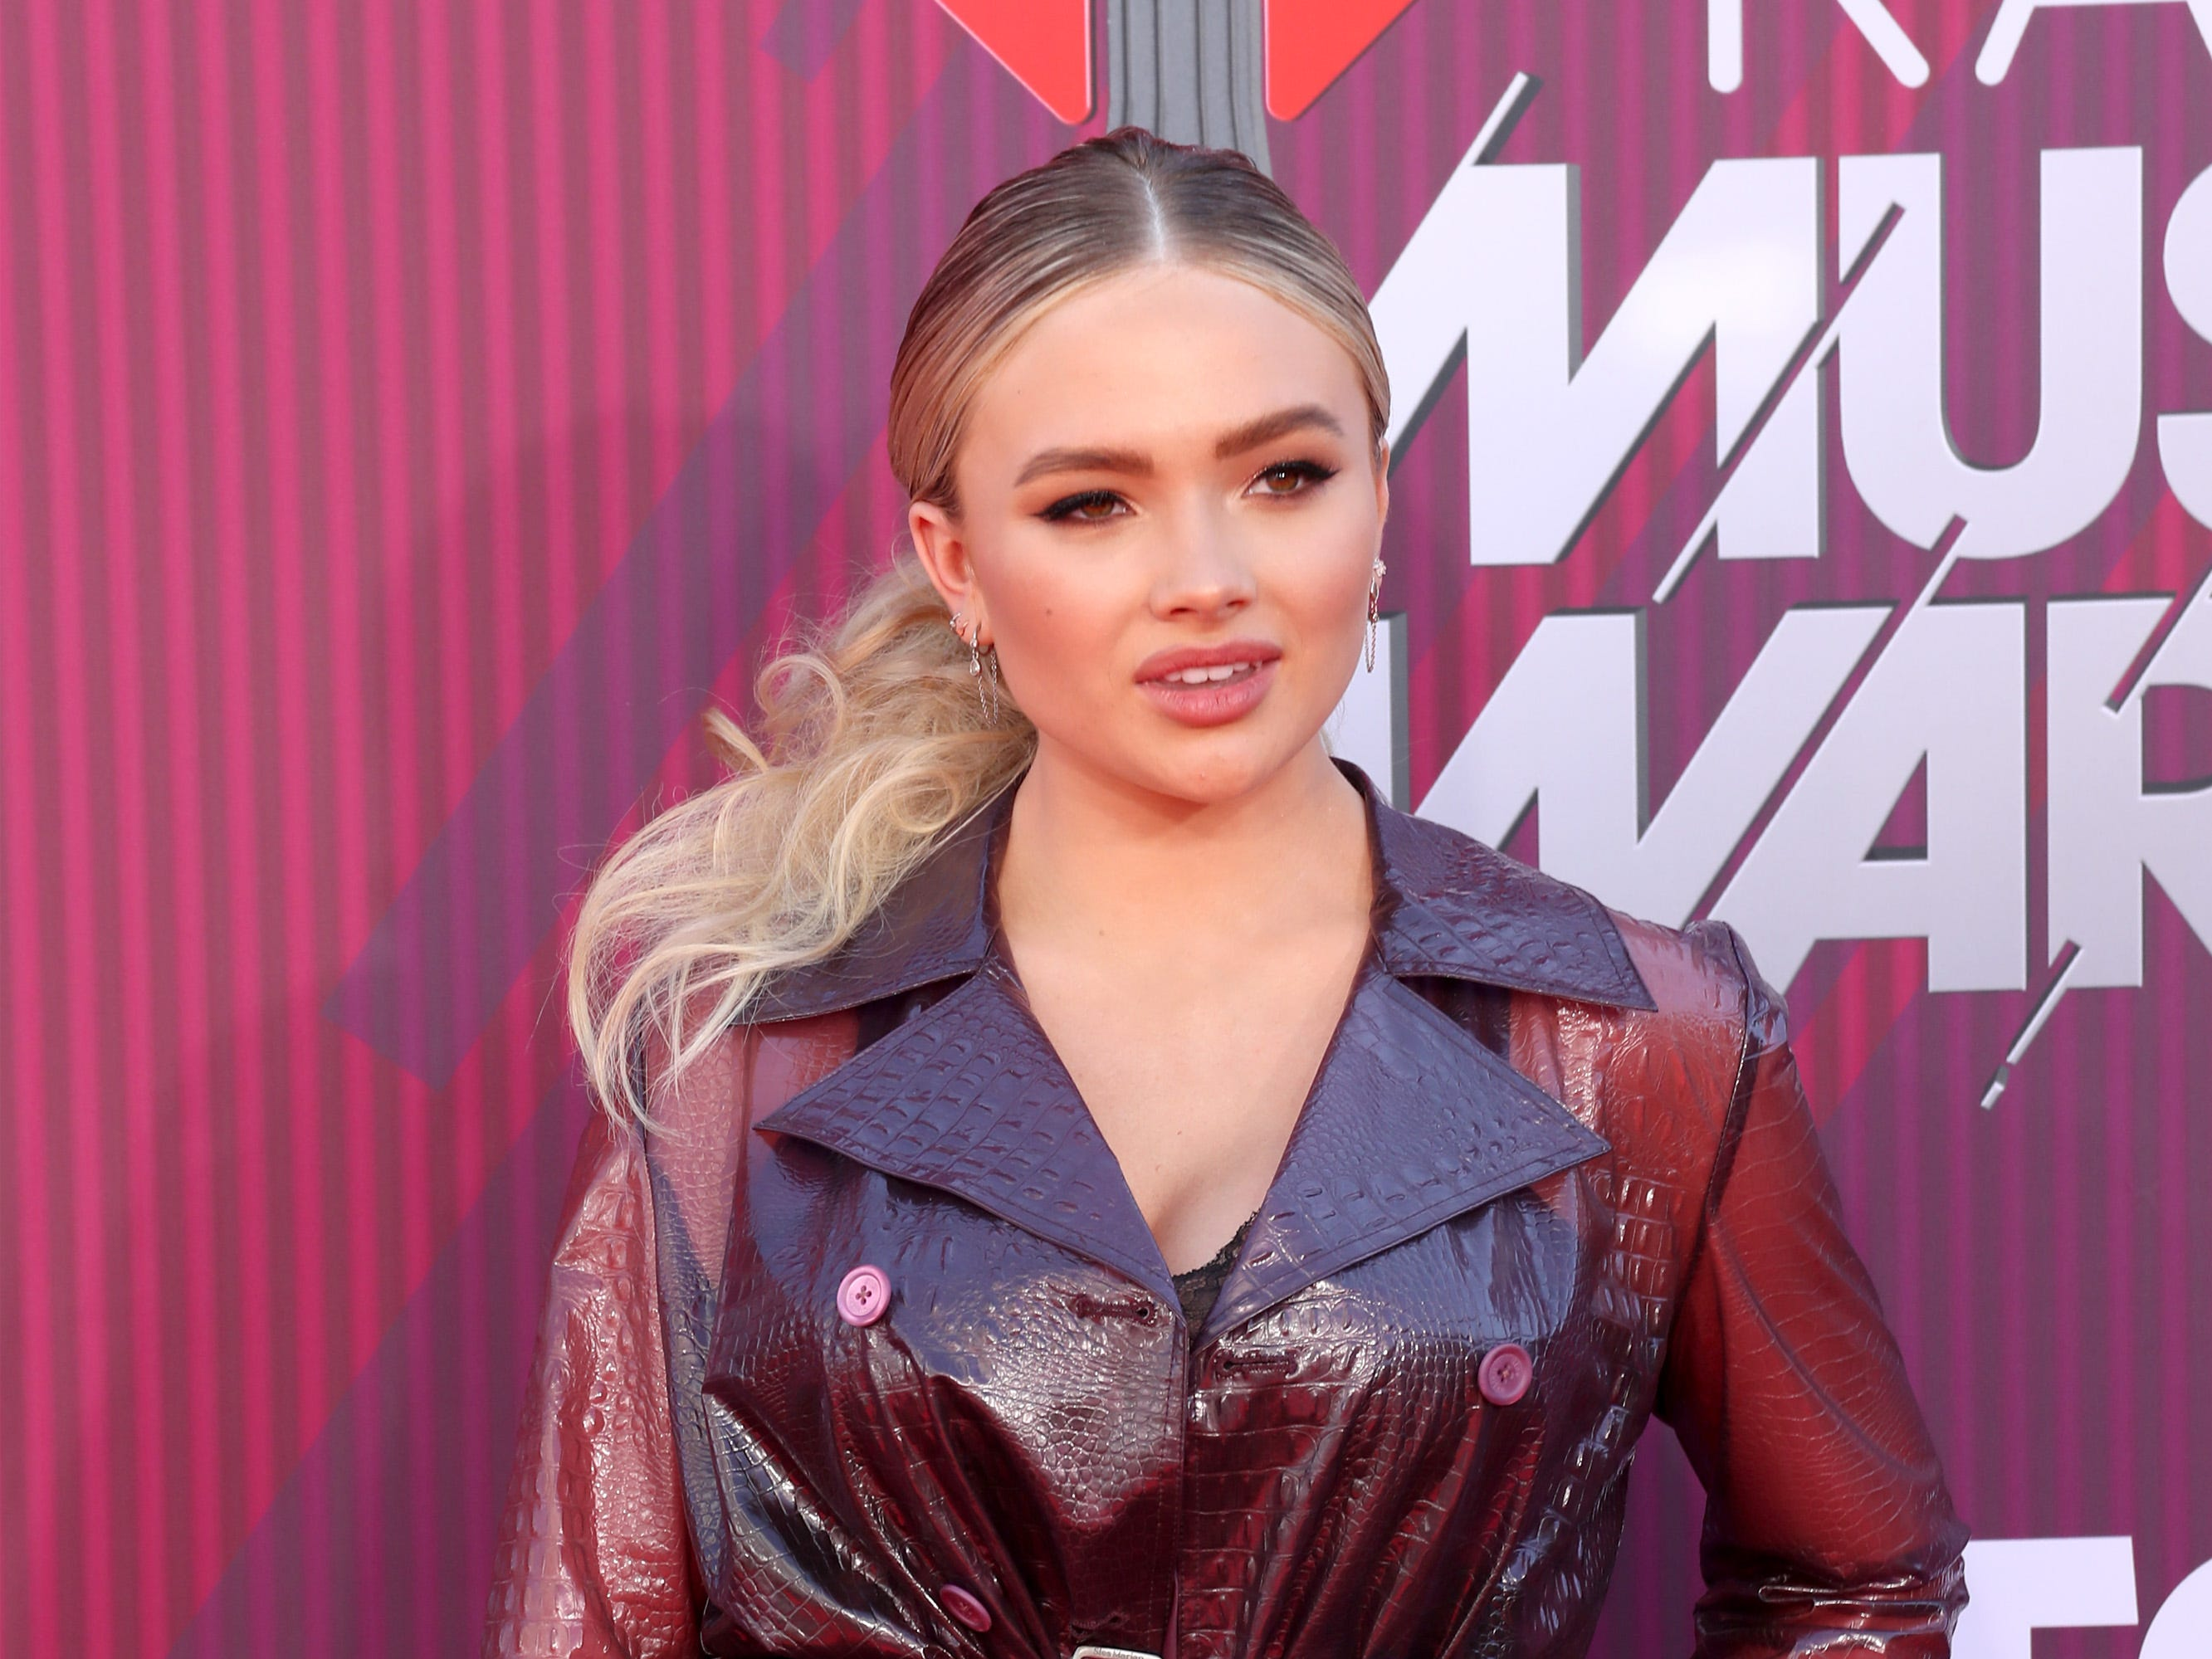 Natalie Alyn Lind a su llegada a los premios iHeart Radio Music Awards en 2019 el 14 de marzo de 2019 en Los Angeles, California.